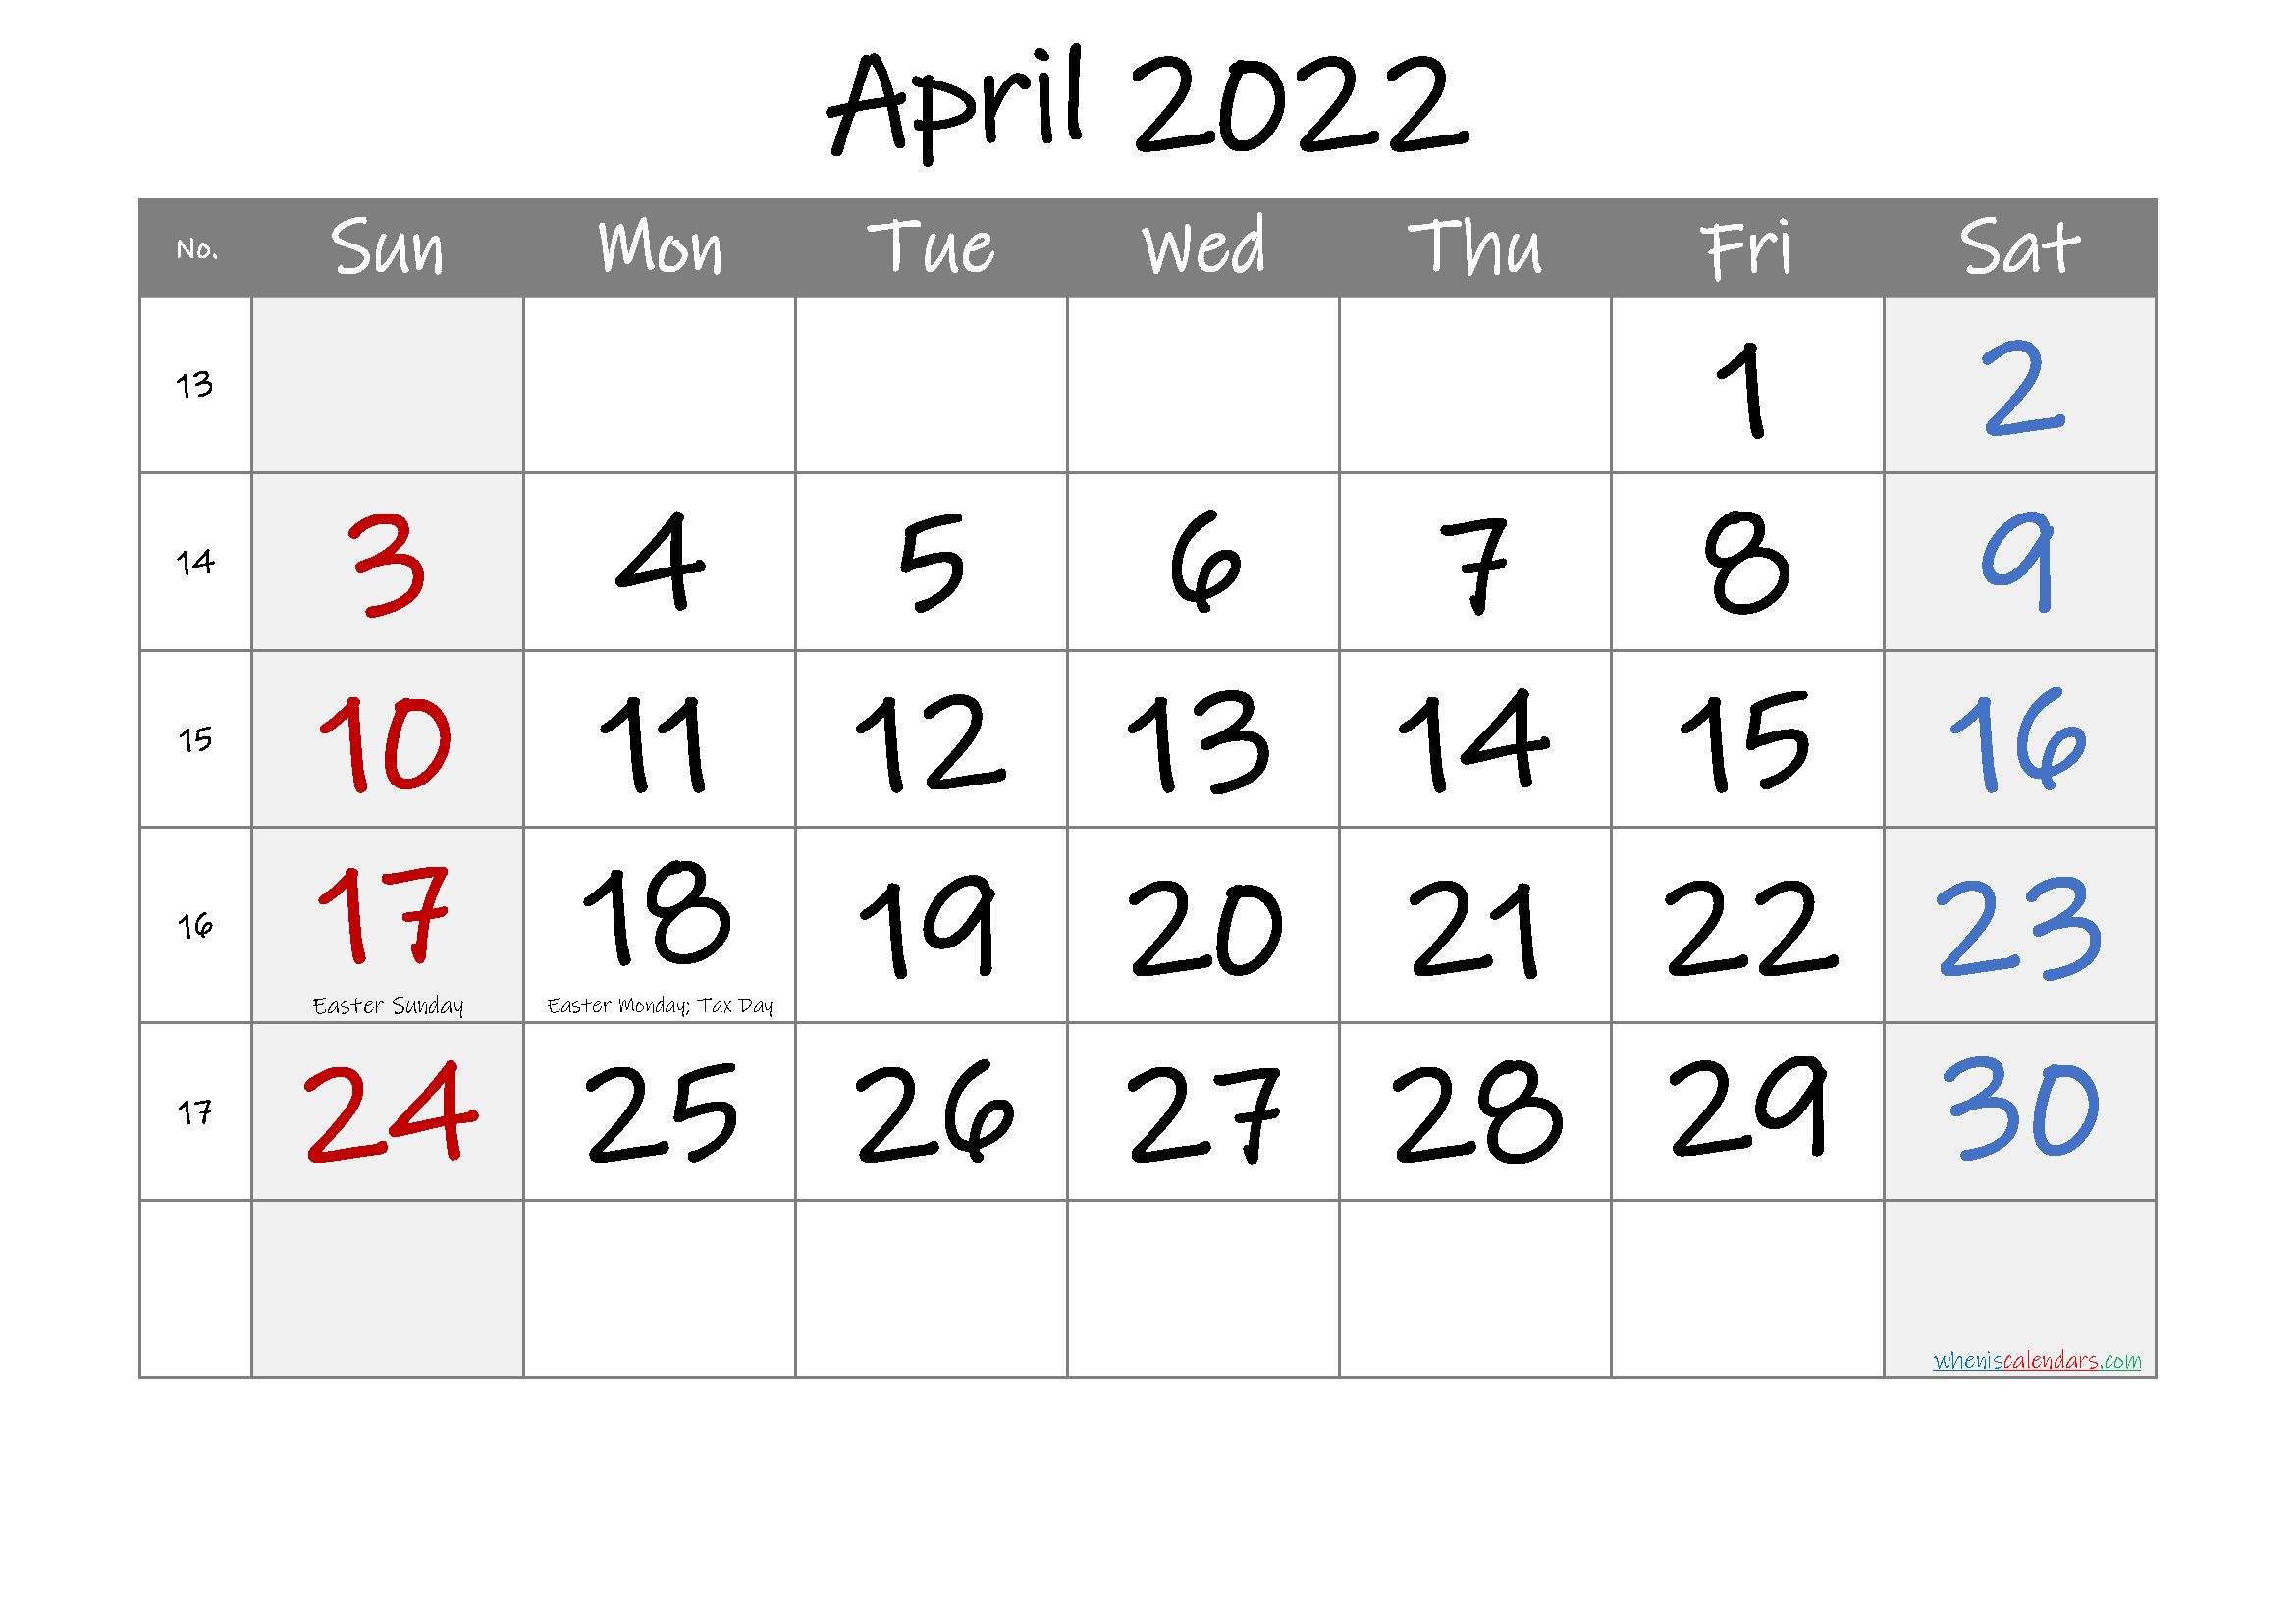 Calendar Of April 2022.Free Printable April 2022 Calendar Pdf And Png Calendar Printables Printable Calendar Template Calendar Template